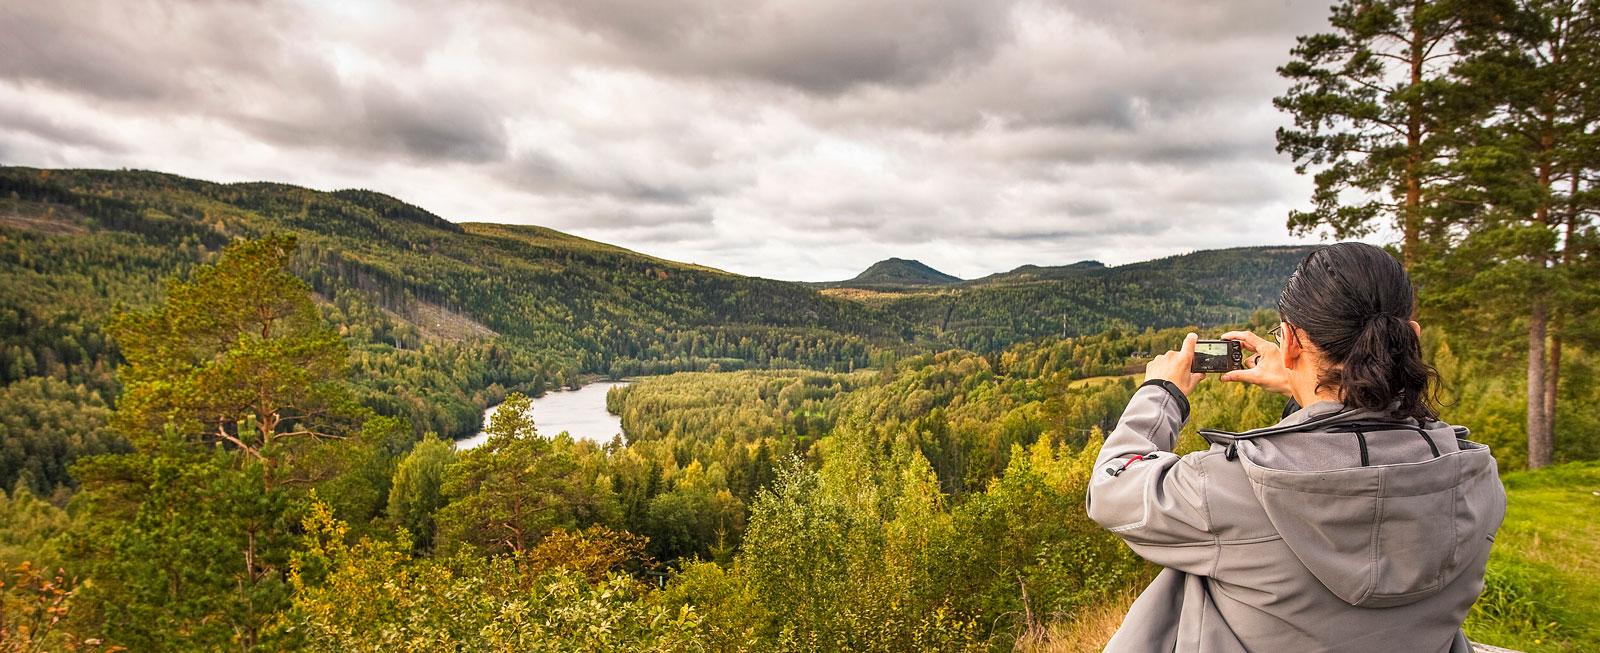 Att tillåta sig många pauser och promenader från sitt fritidsfordon är halva nöjet med en naturresa.